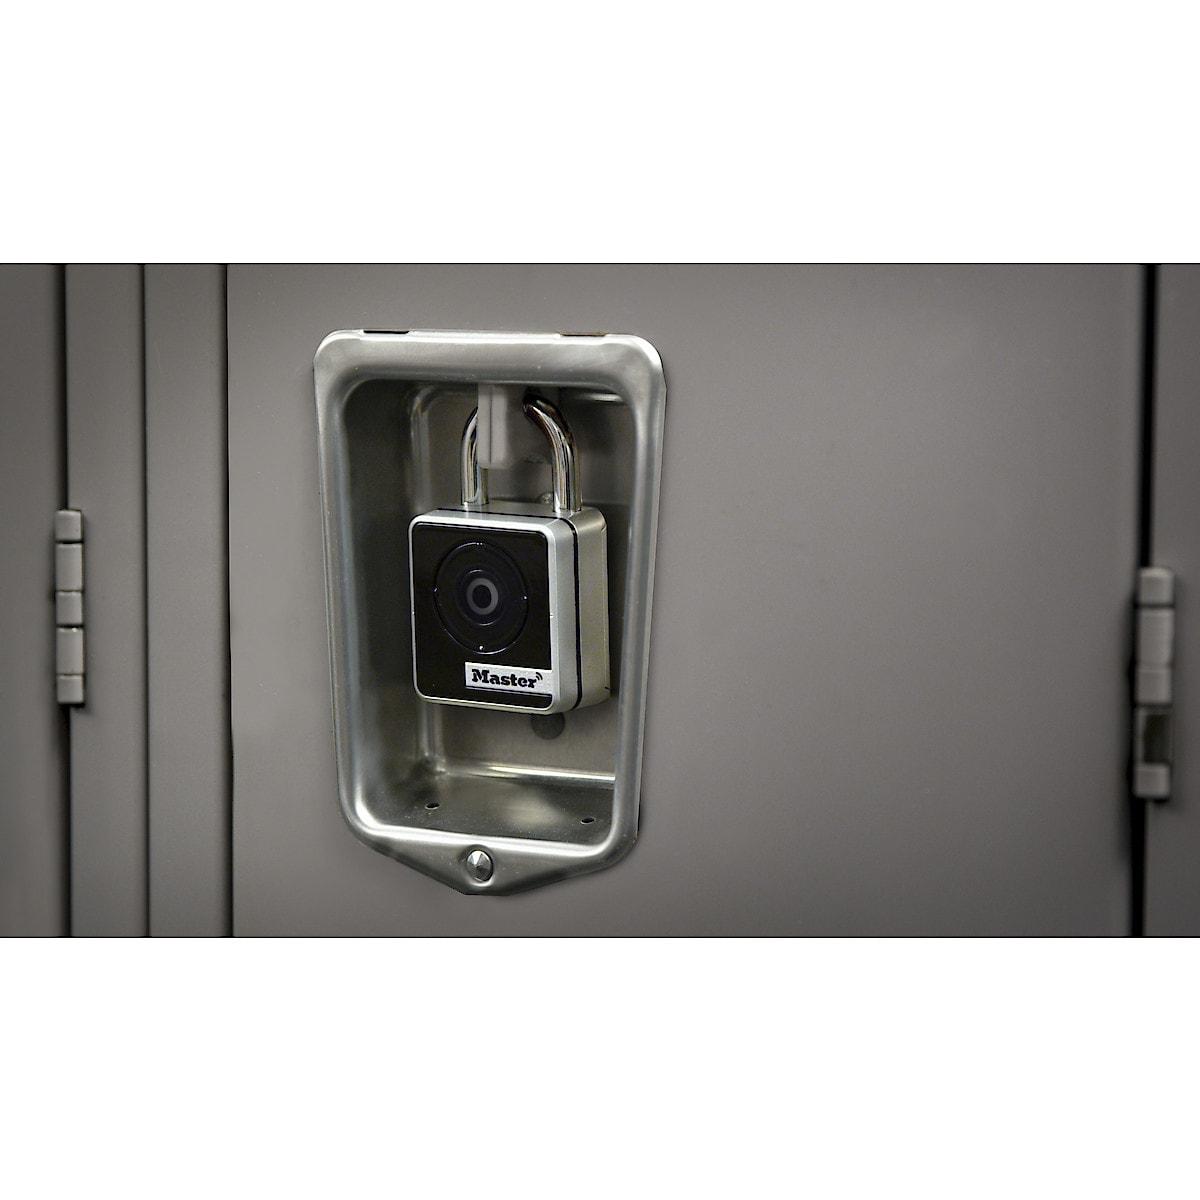 Hänglås med Bluetooth Masterlock 4400EURD